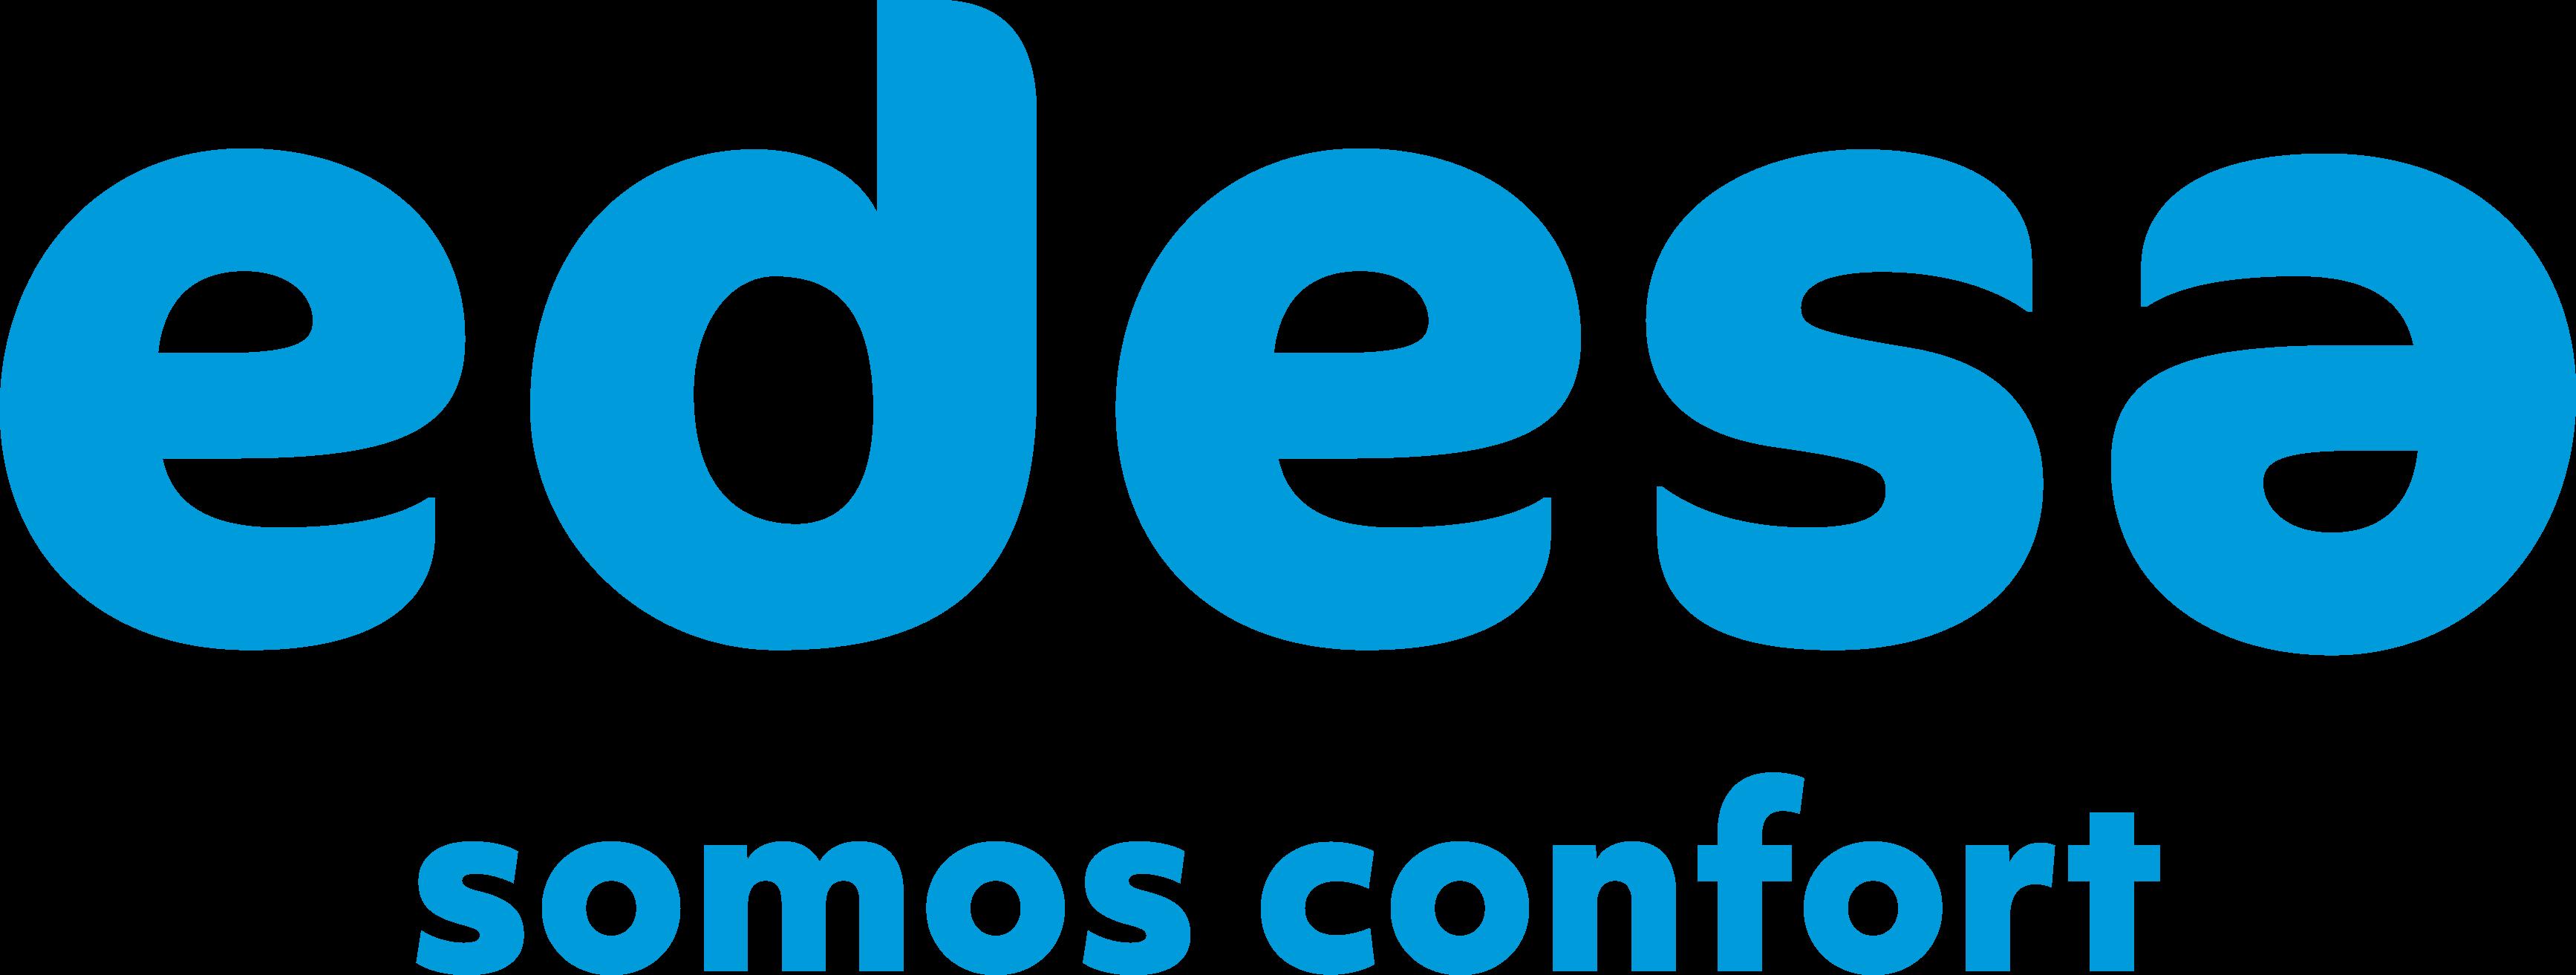 EDESA CONFORT